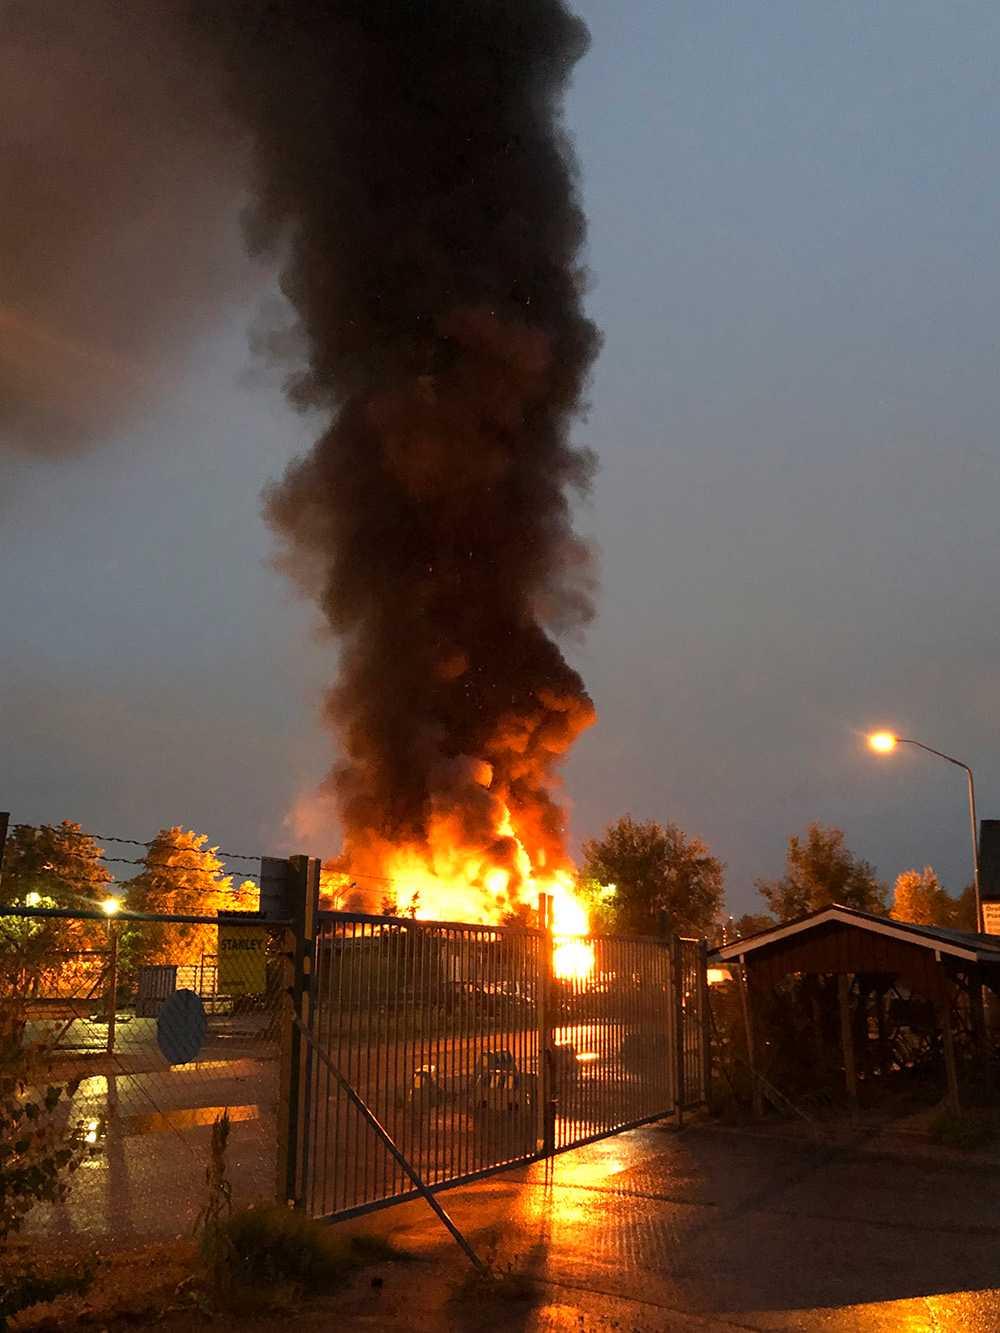 Kraftig brand och rökutveckling efter explosionen.